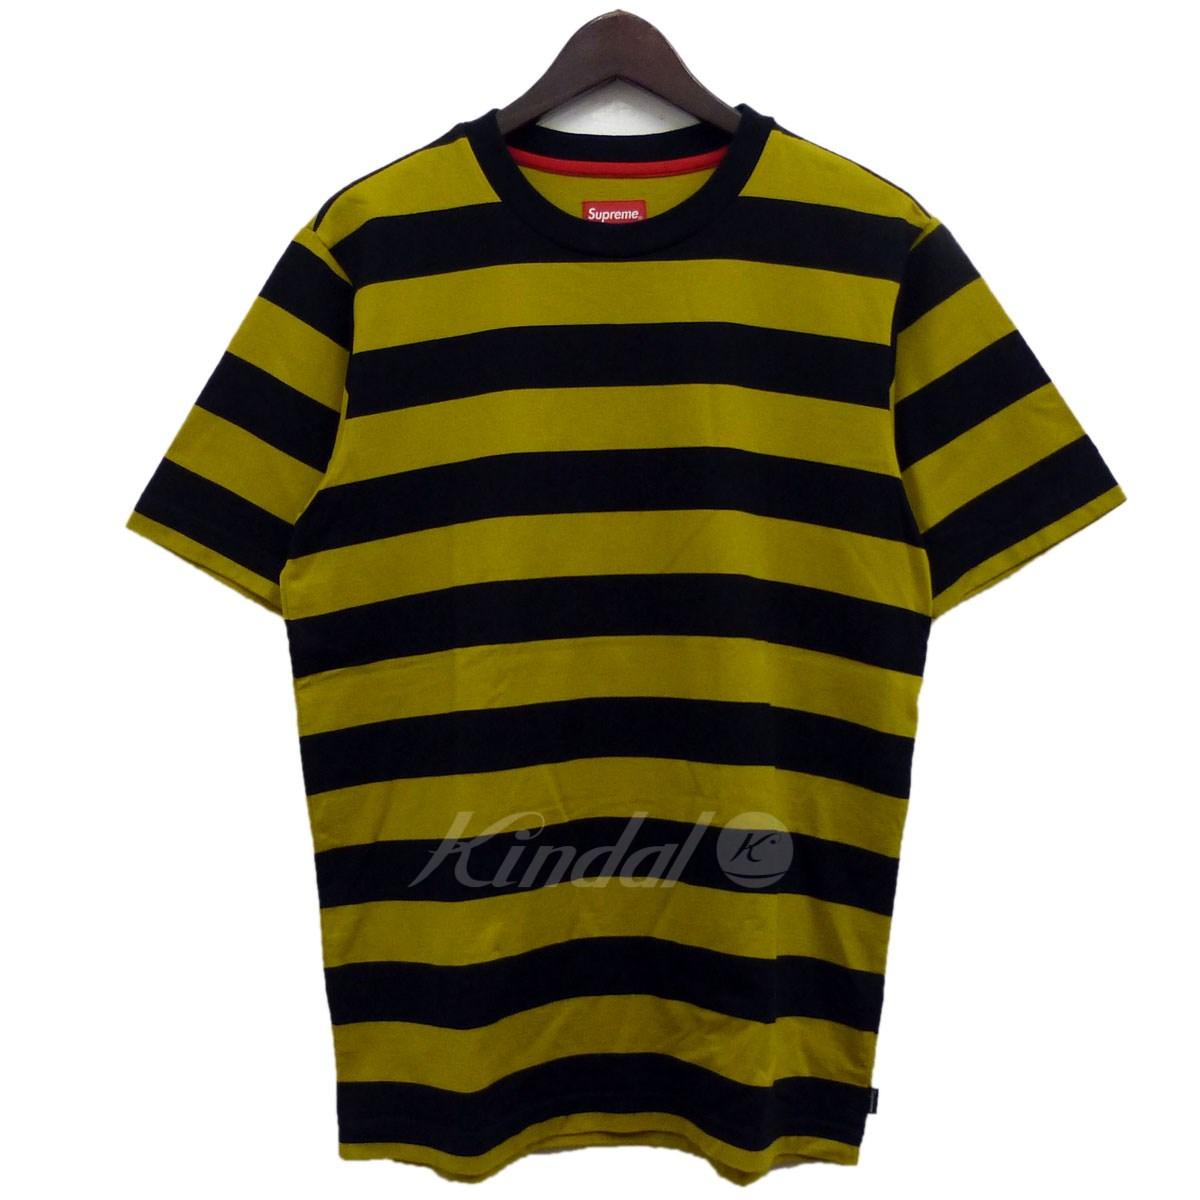 【中古】SUPREME 13SS「Bar Stripe Tee」ボーダーTシャツ イエロー×ブラック サイズ:S 【151118】(シュプリーム)